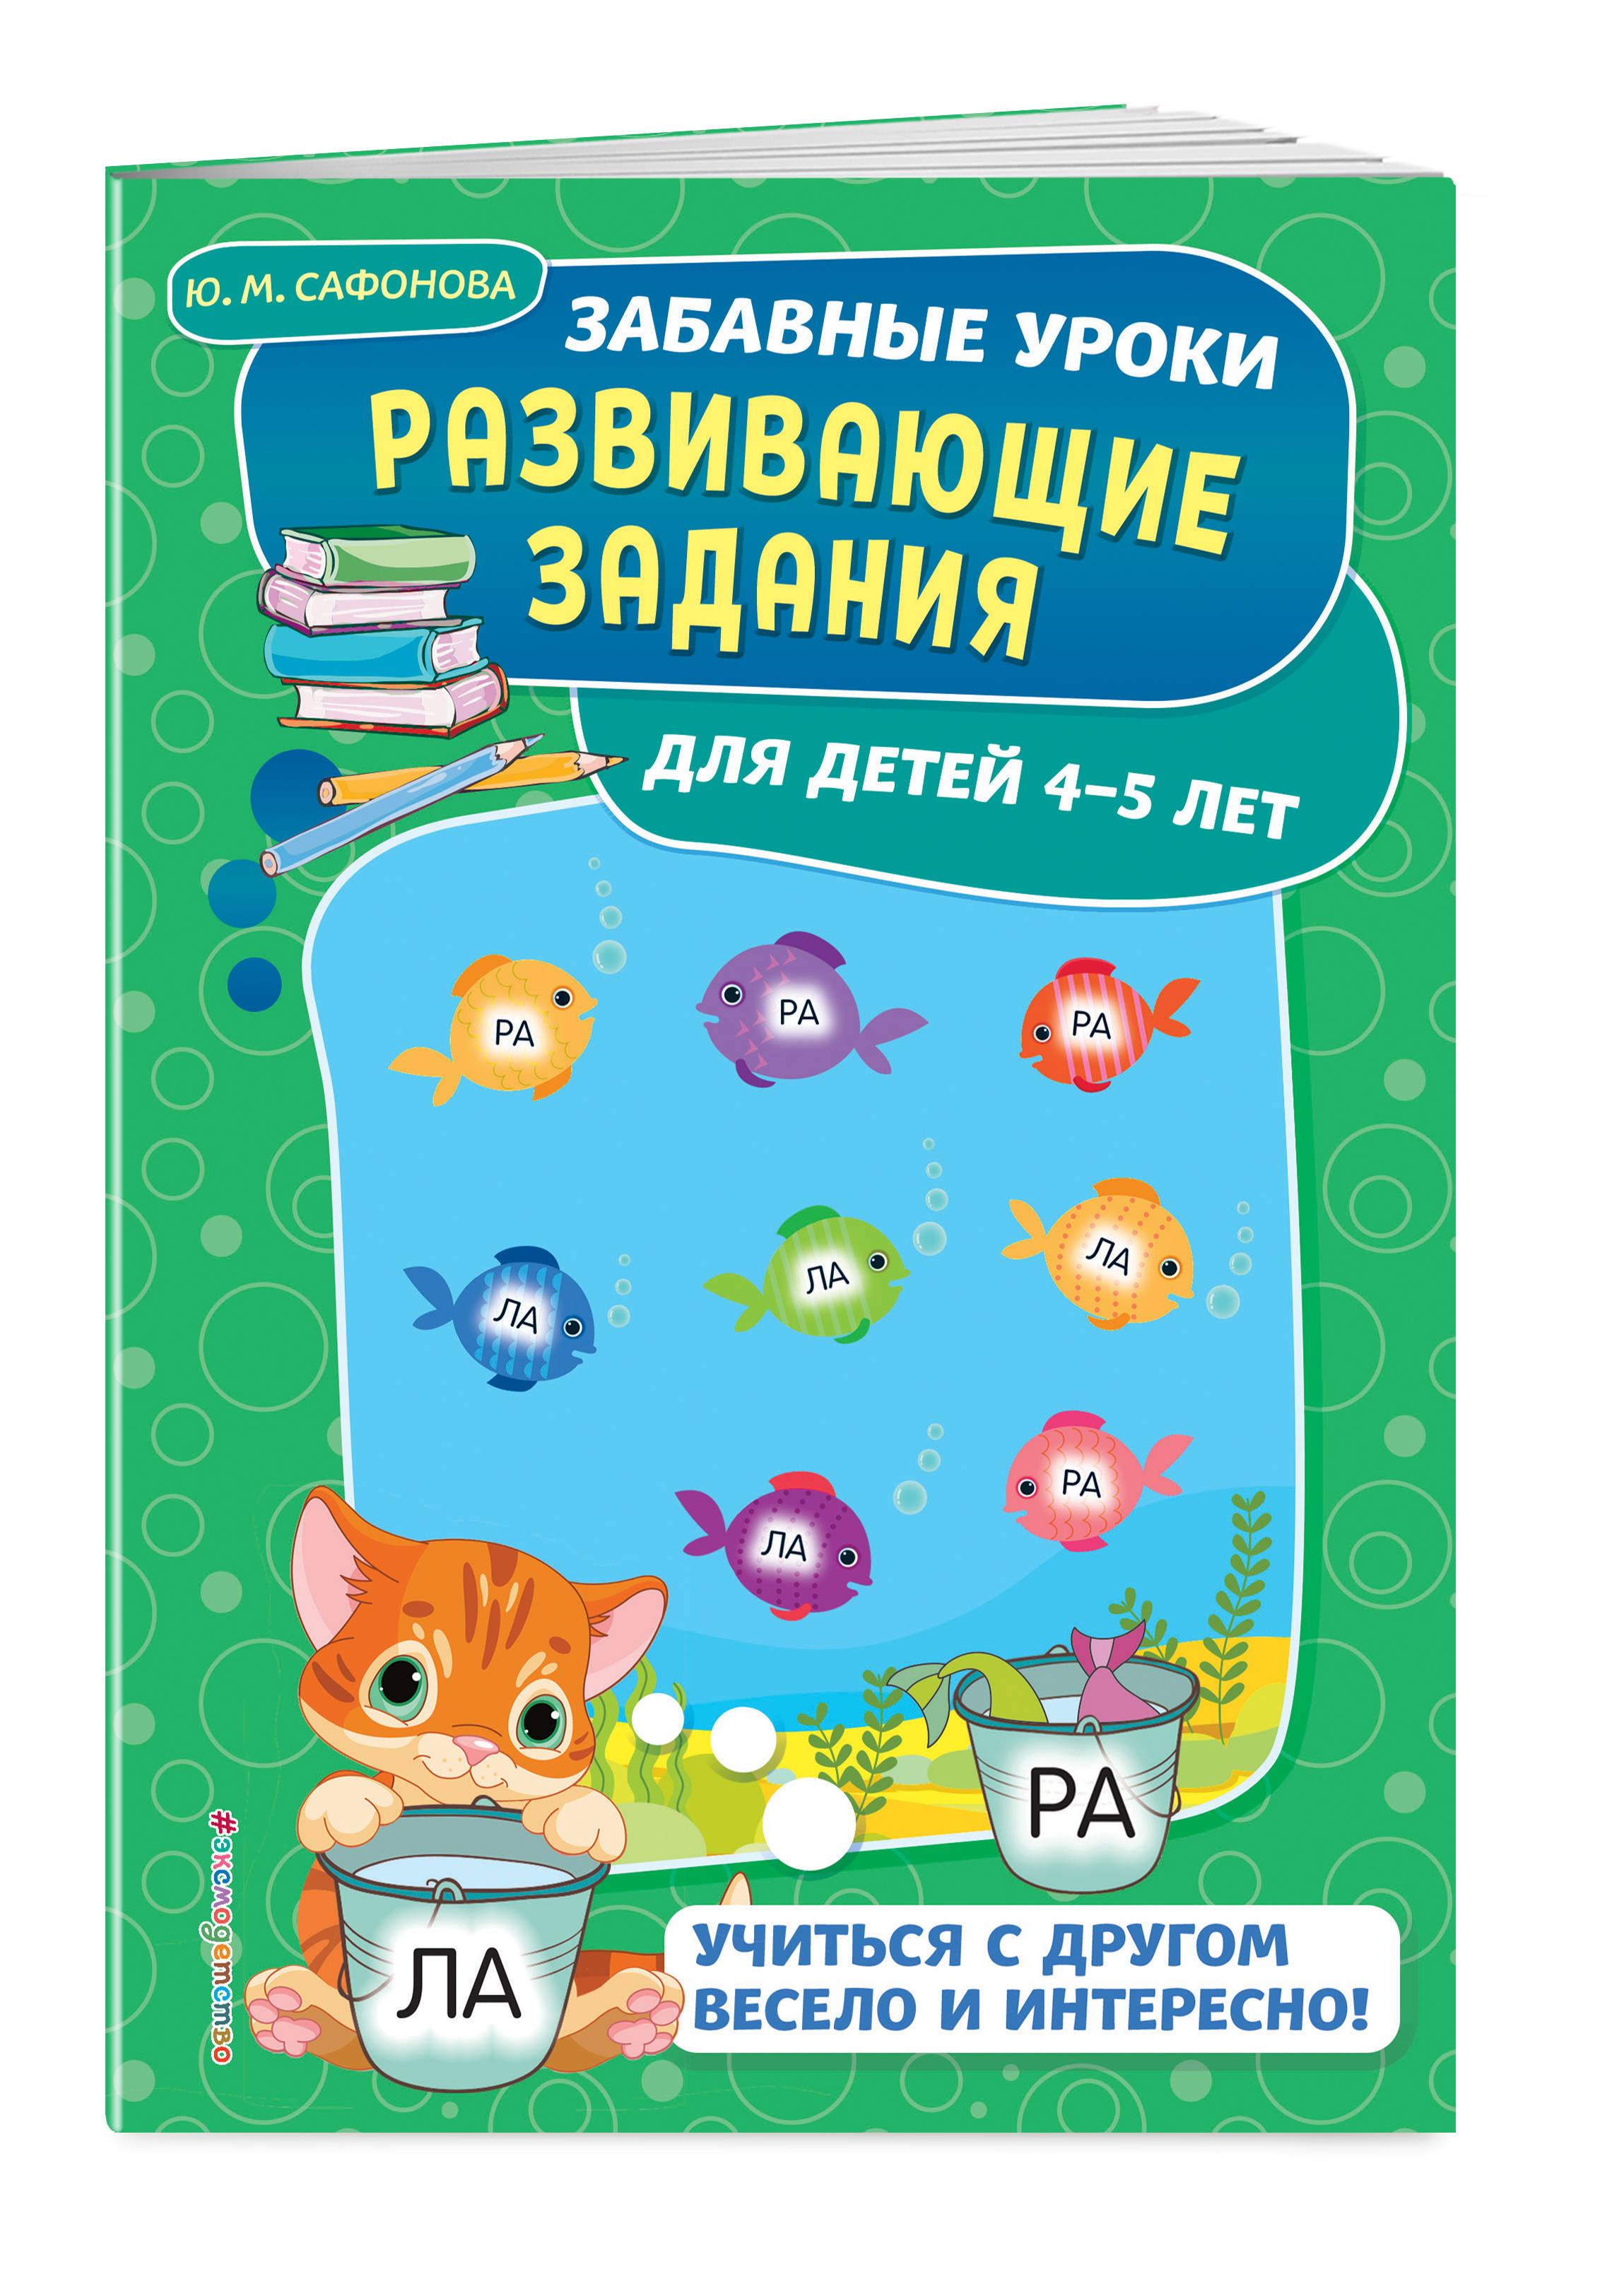 Ю. М. Сафонова Развивающие задания: для детей 4-5 лет